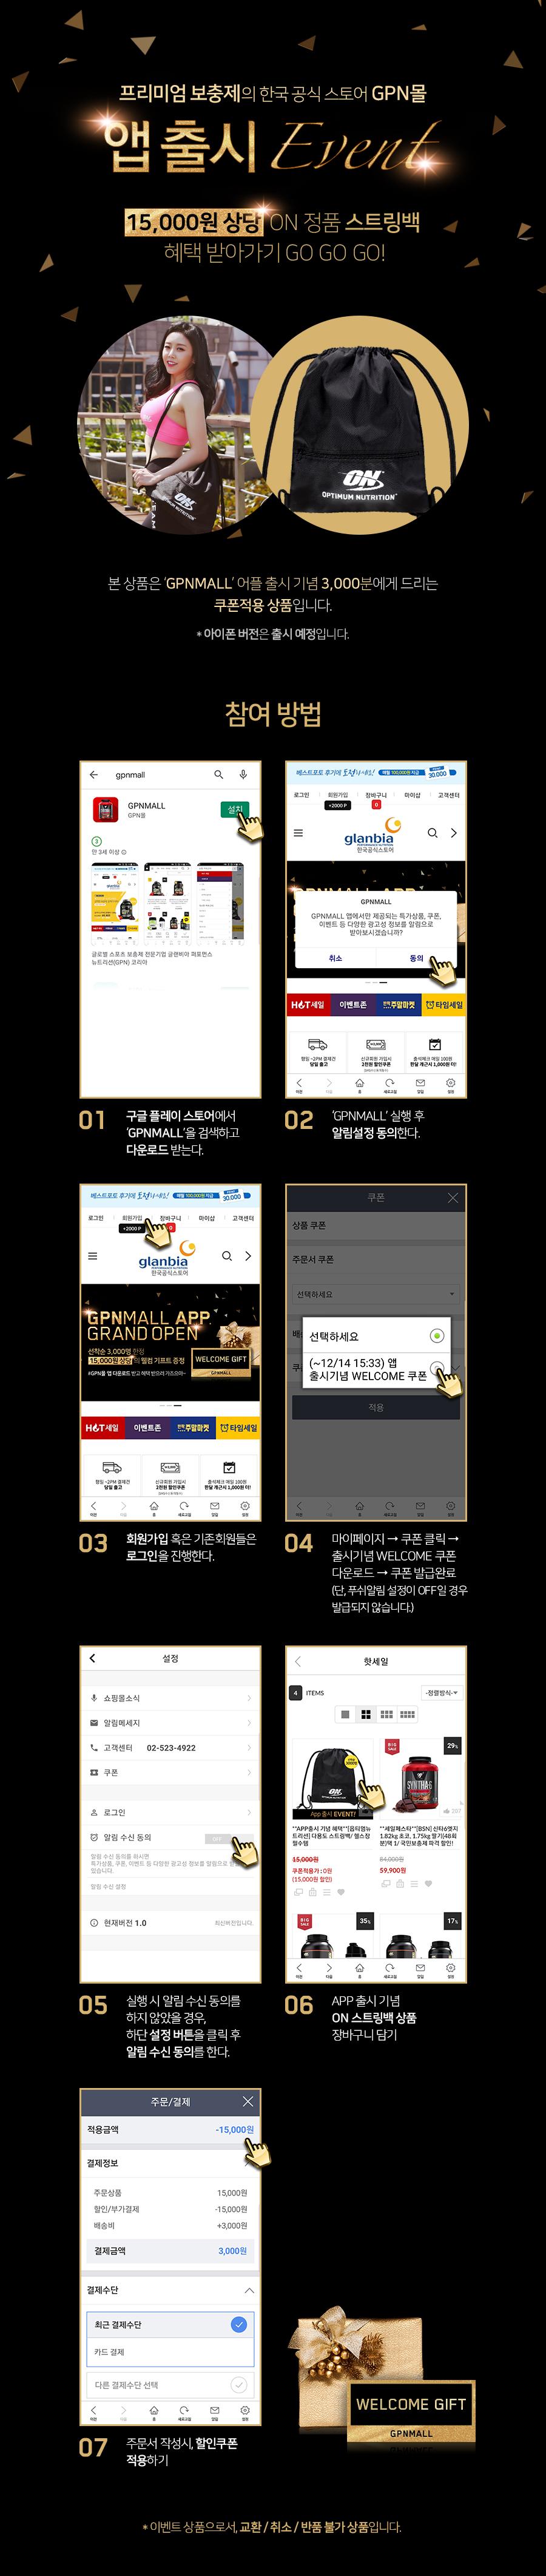 App 출시 스트링백 증정 이벤트 상세페이지